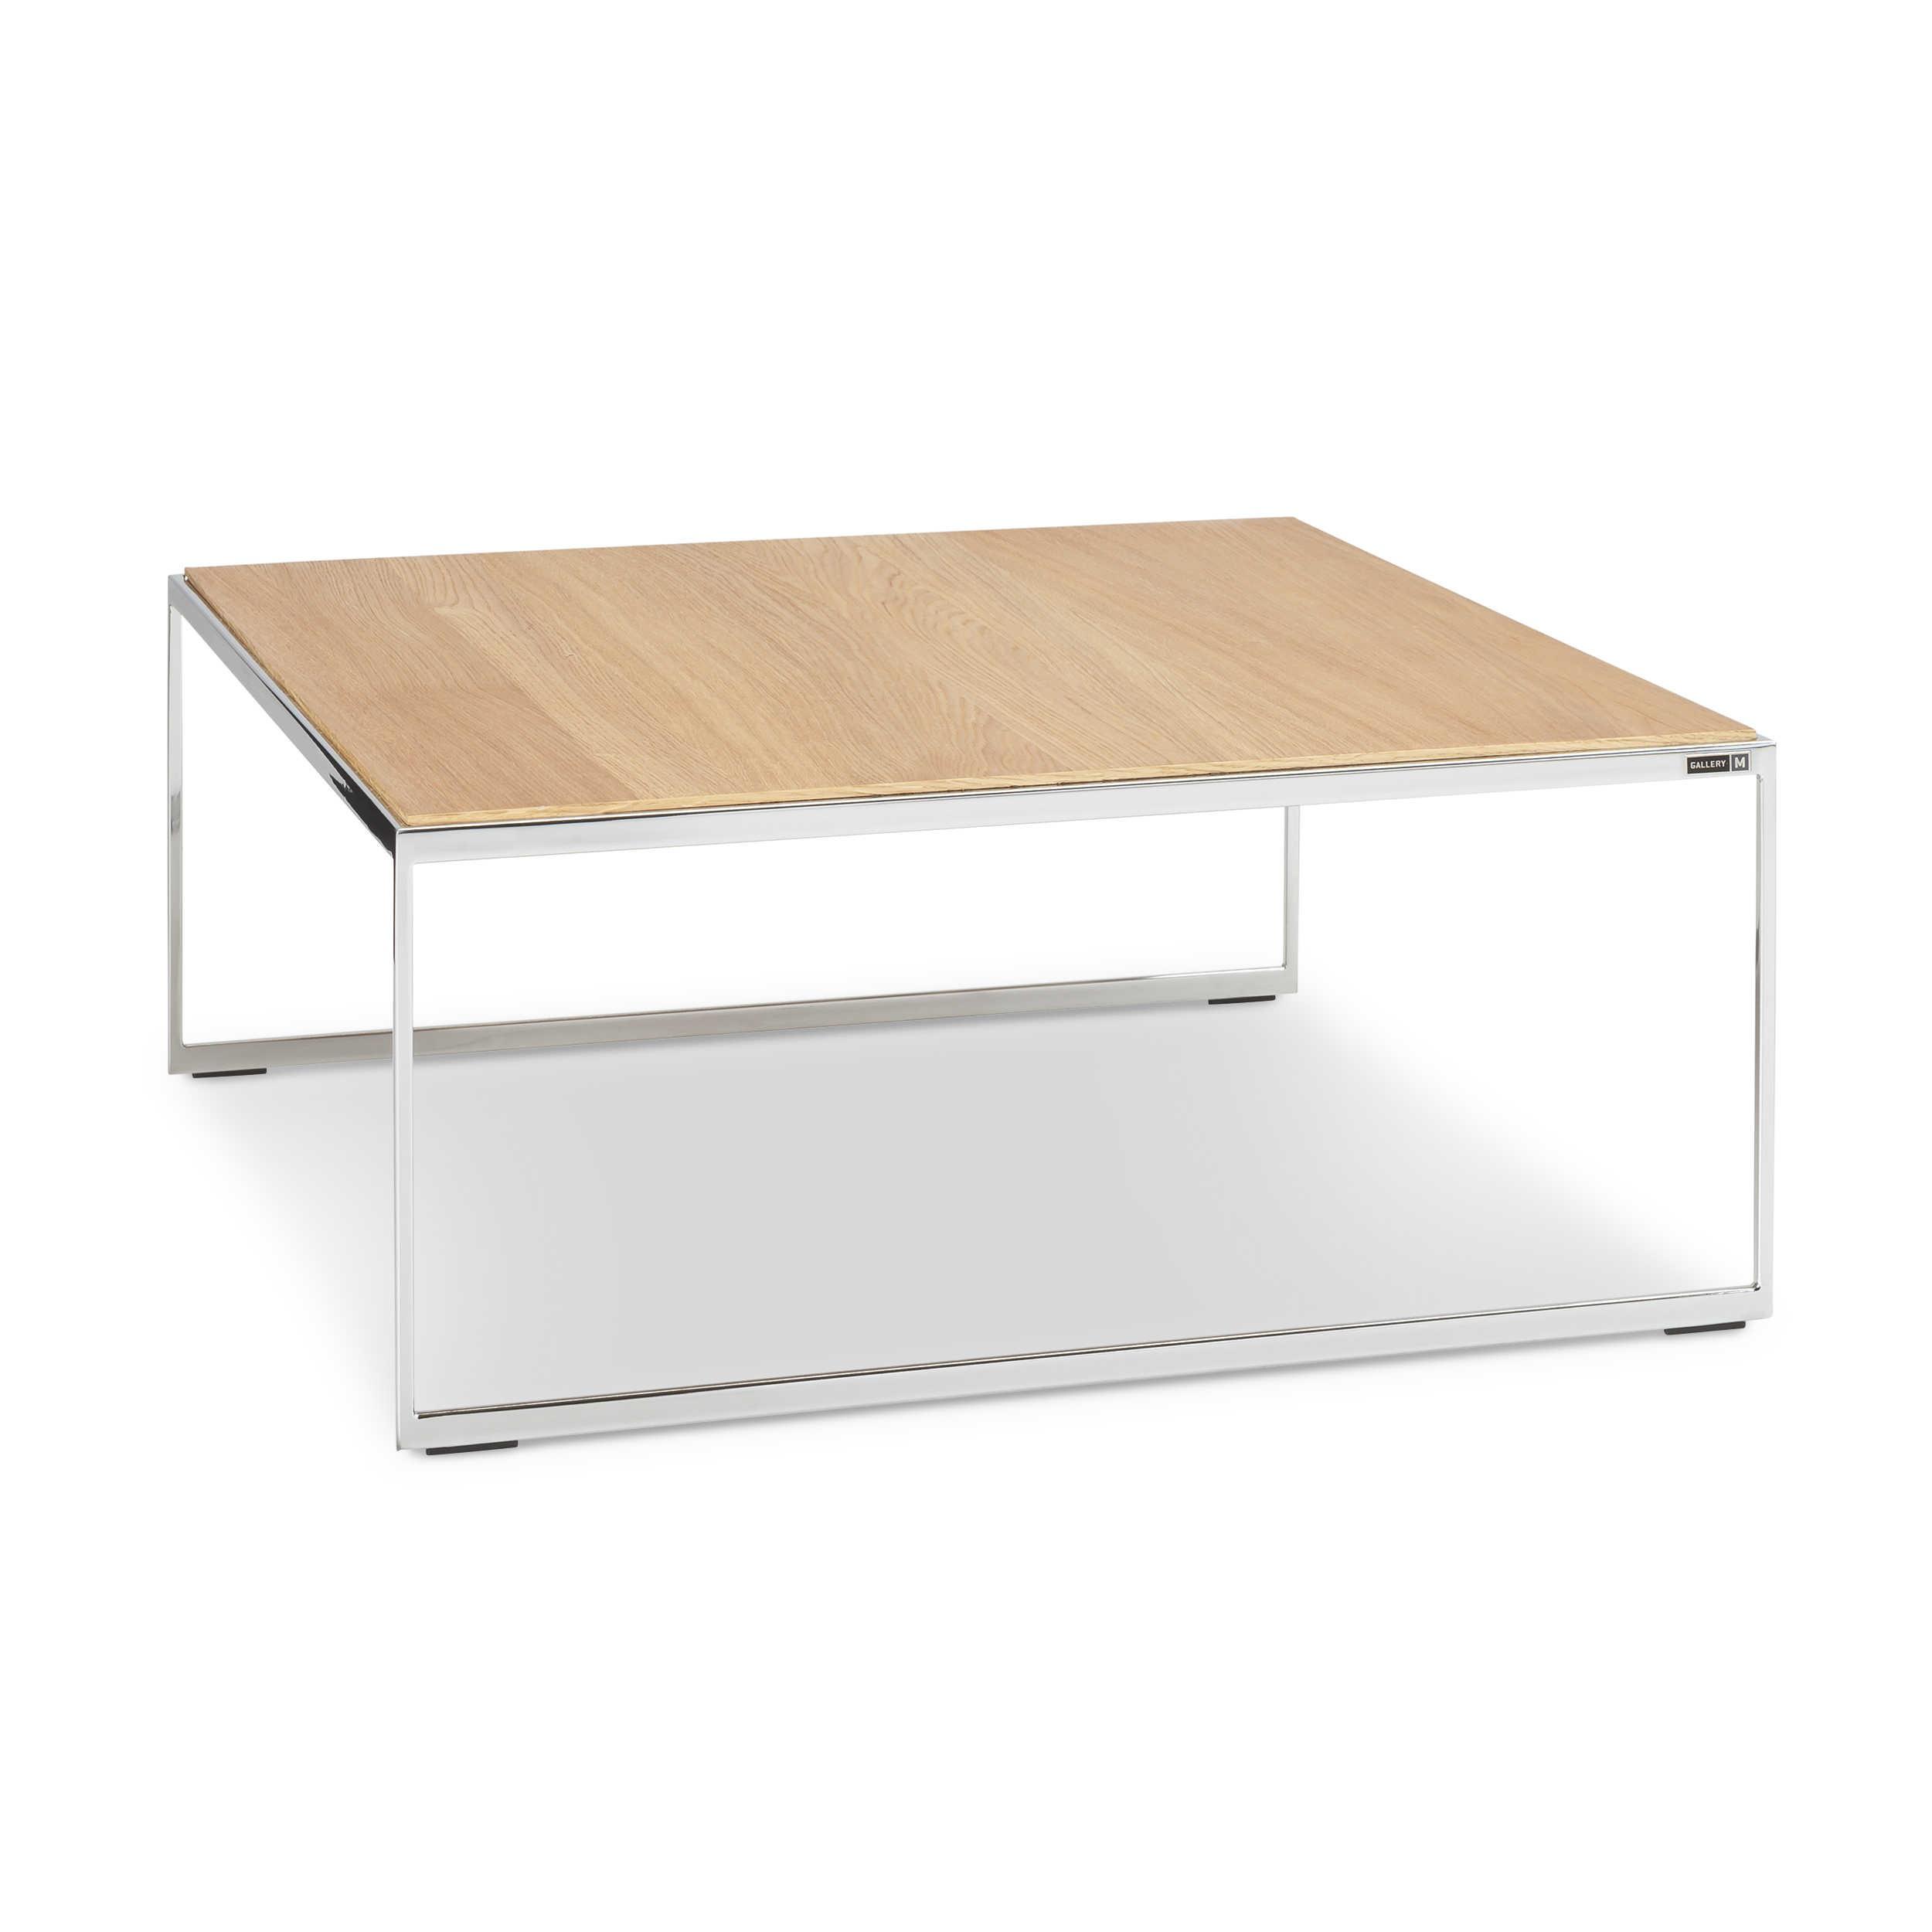 Gallery M Couchtisch Toscana T1505 Eiche Holz online